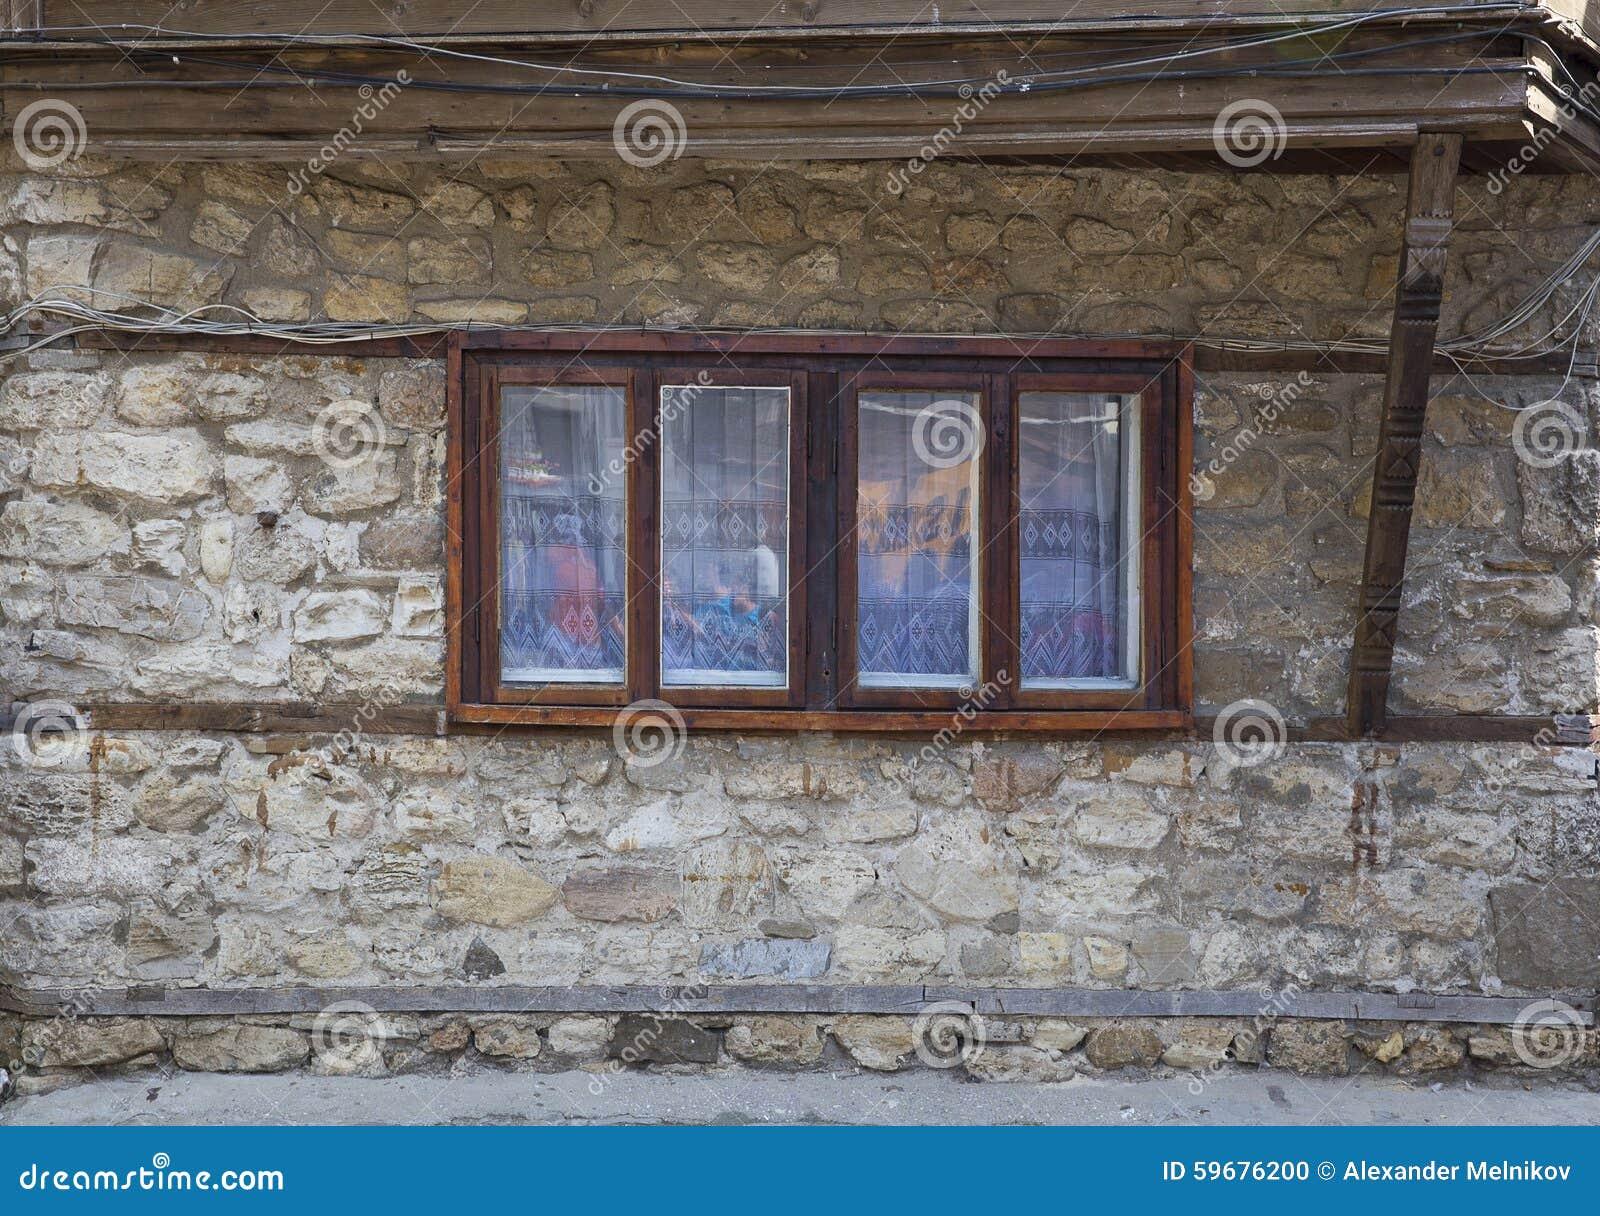 Een venster in een oud huis nessebar bulgarije stock foto afbeelding 59676200 - Oude huisdecoratie ...